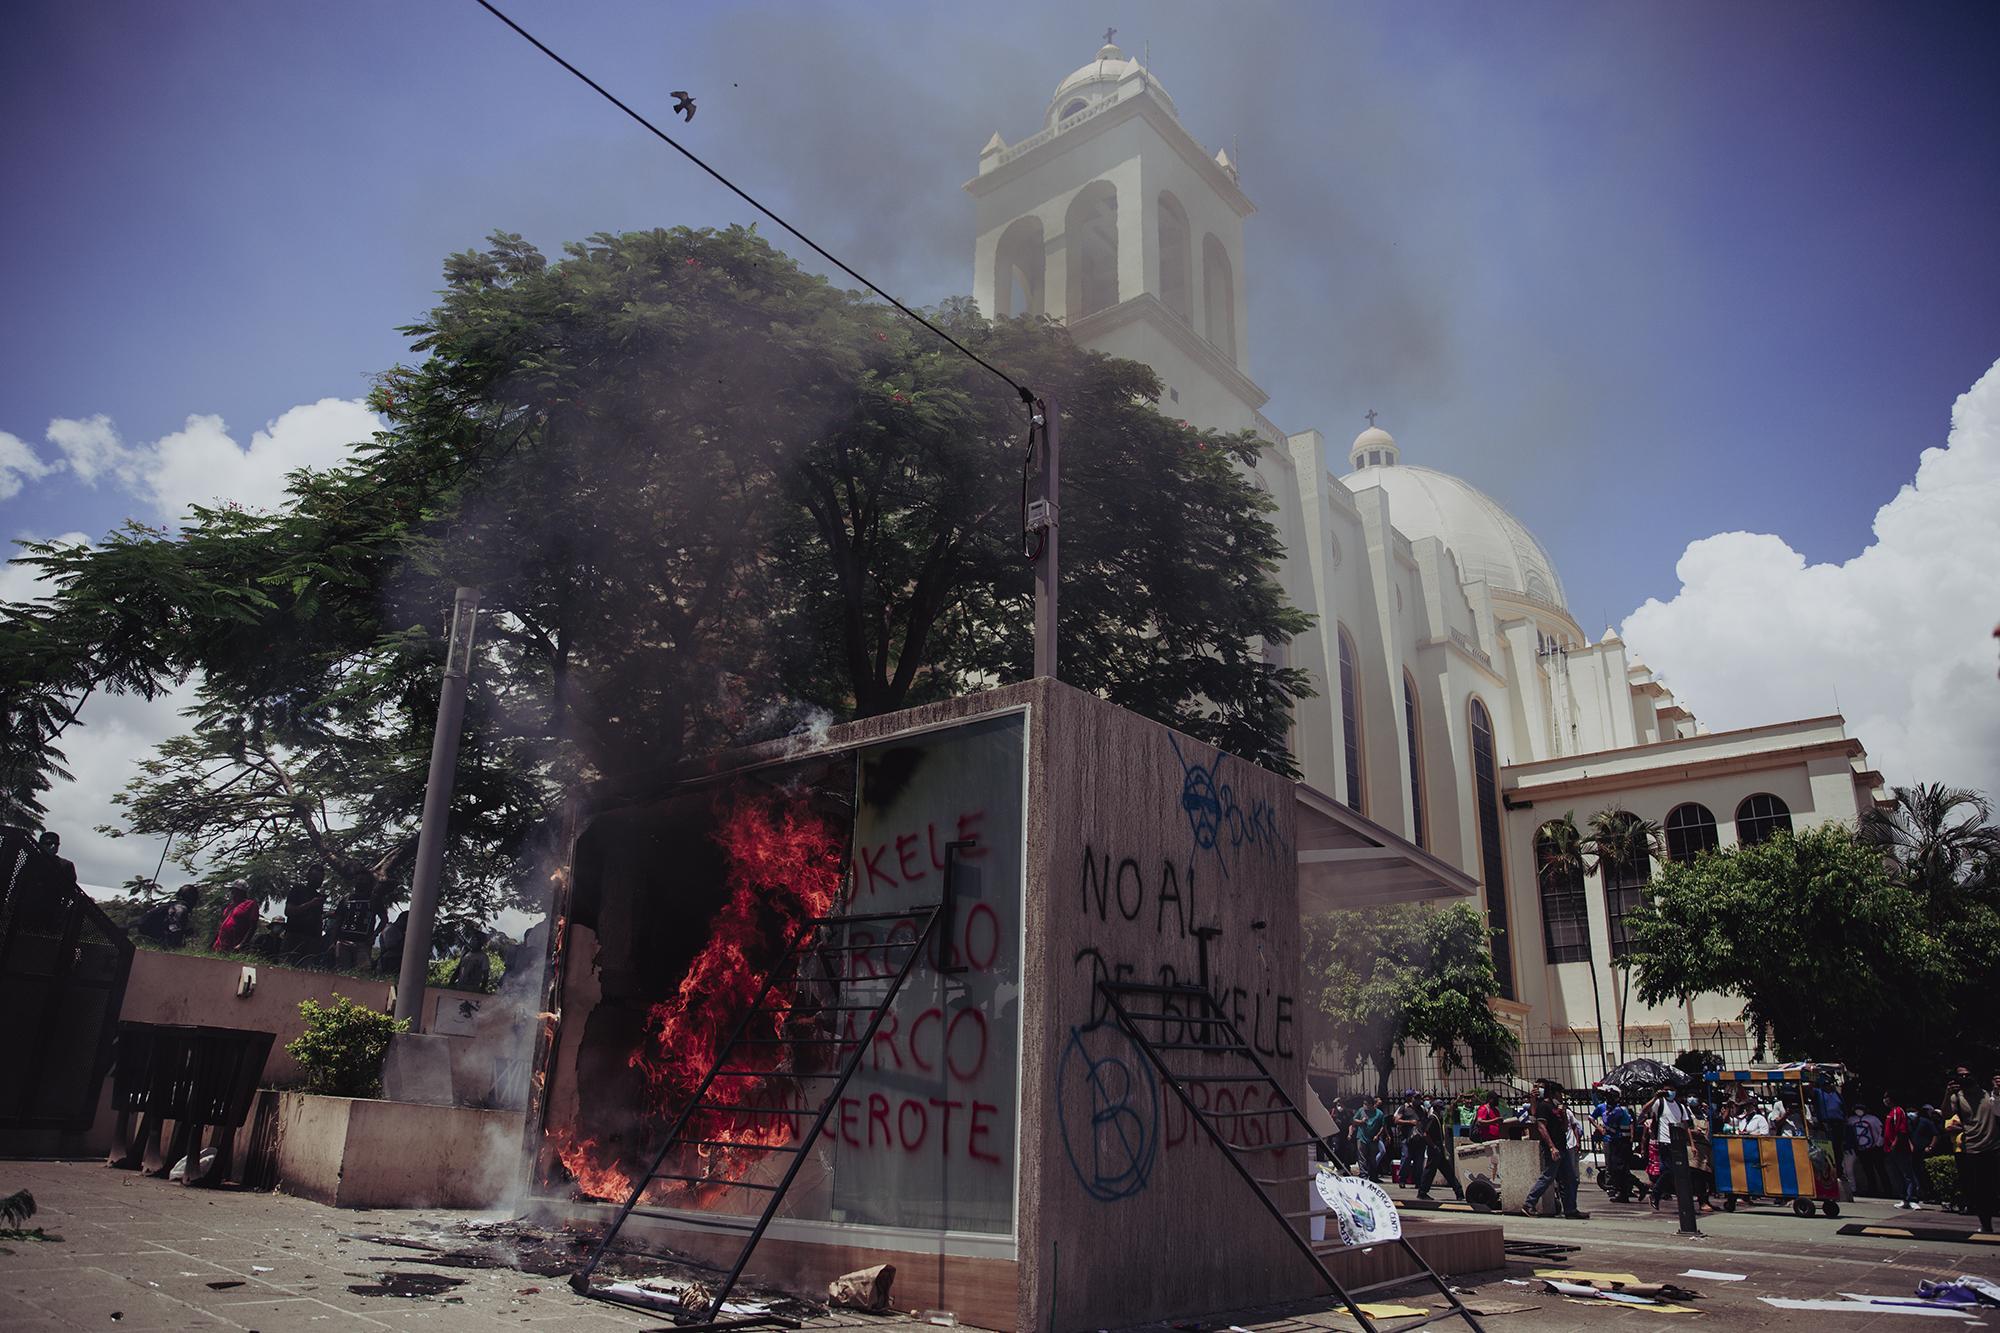 La cabina de cajero Chivo fue totalmente destrozada por el pequeño grupo de manifestantes en la plaza Barrios, eso ocurría mientras en la plaza Morazán, lugar de concentración de la manifestación, estaba llena de manifestantes que protestaban de forma pacífica.